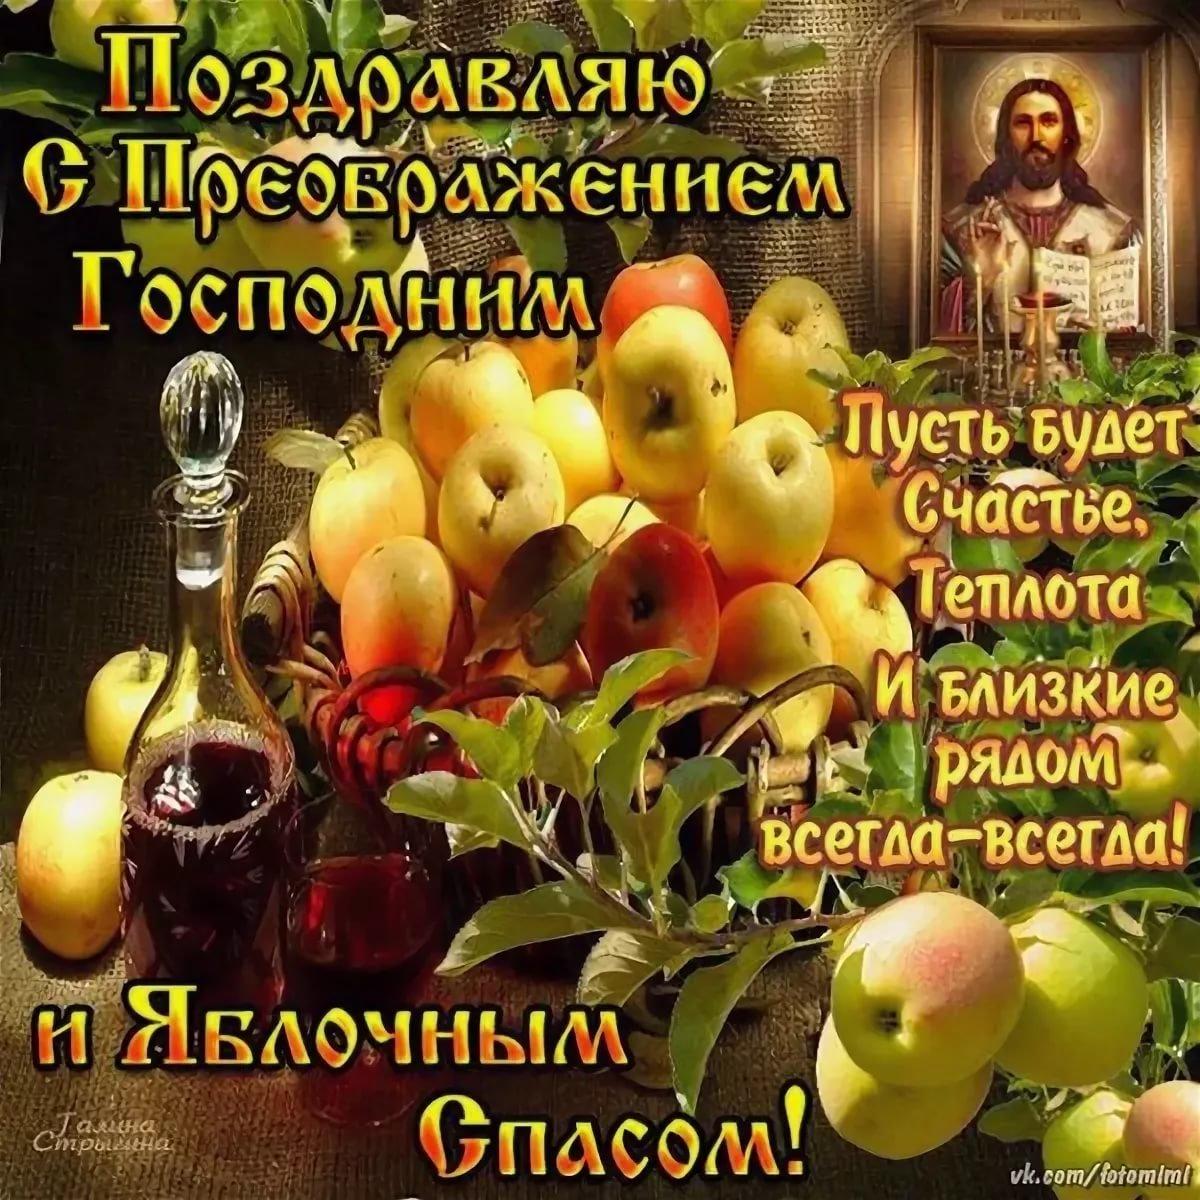 Яблочный спас стихи поздравления